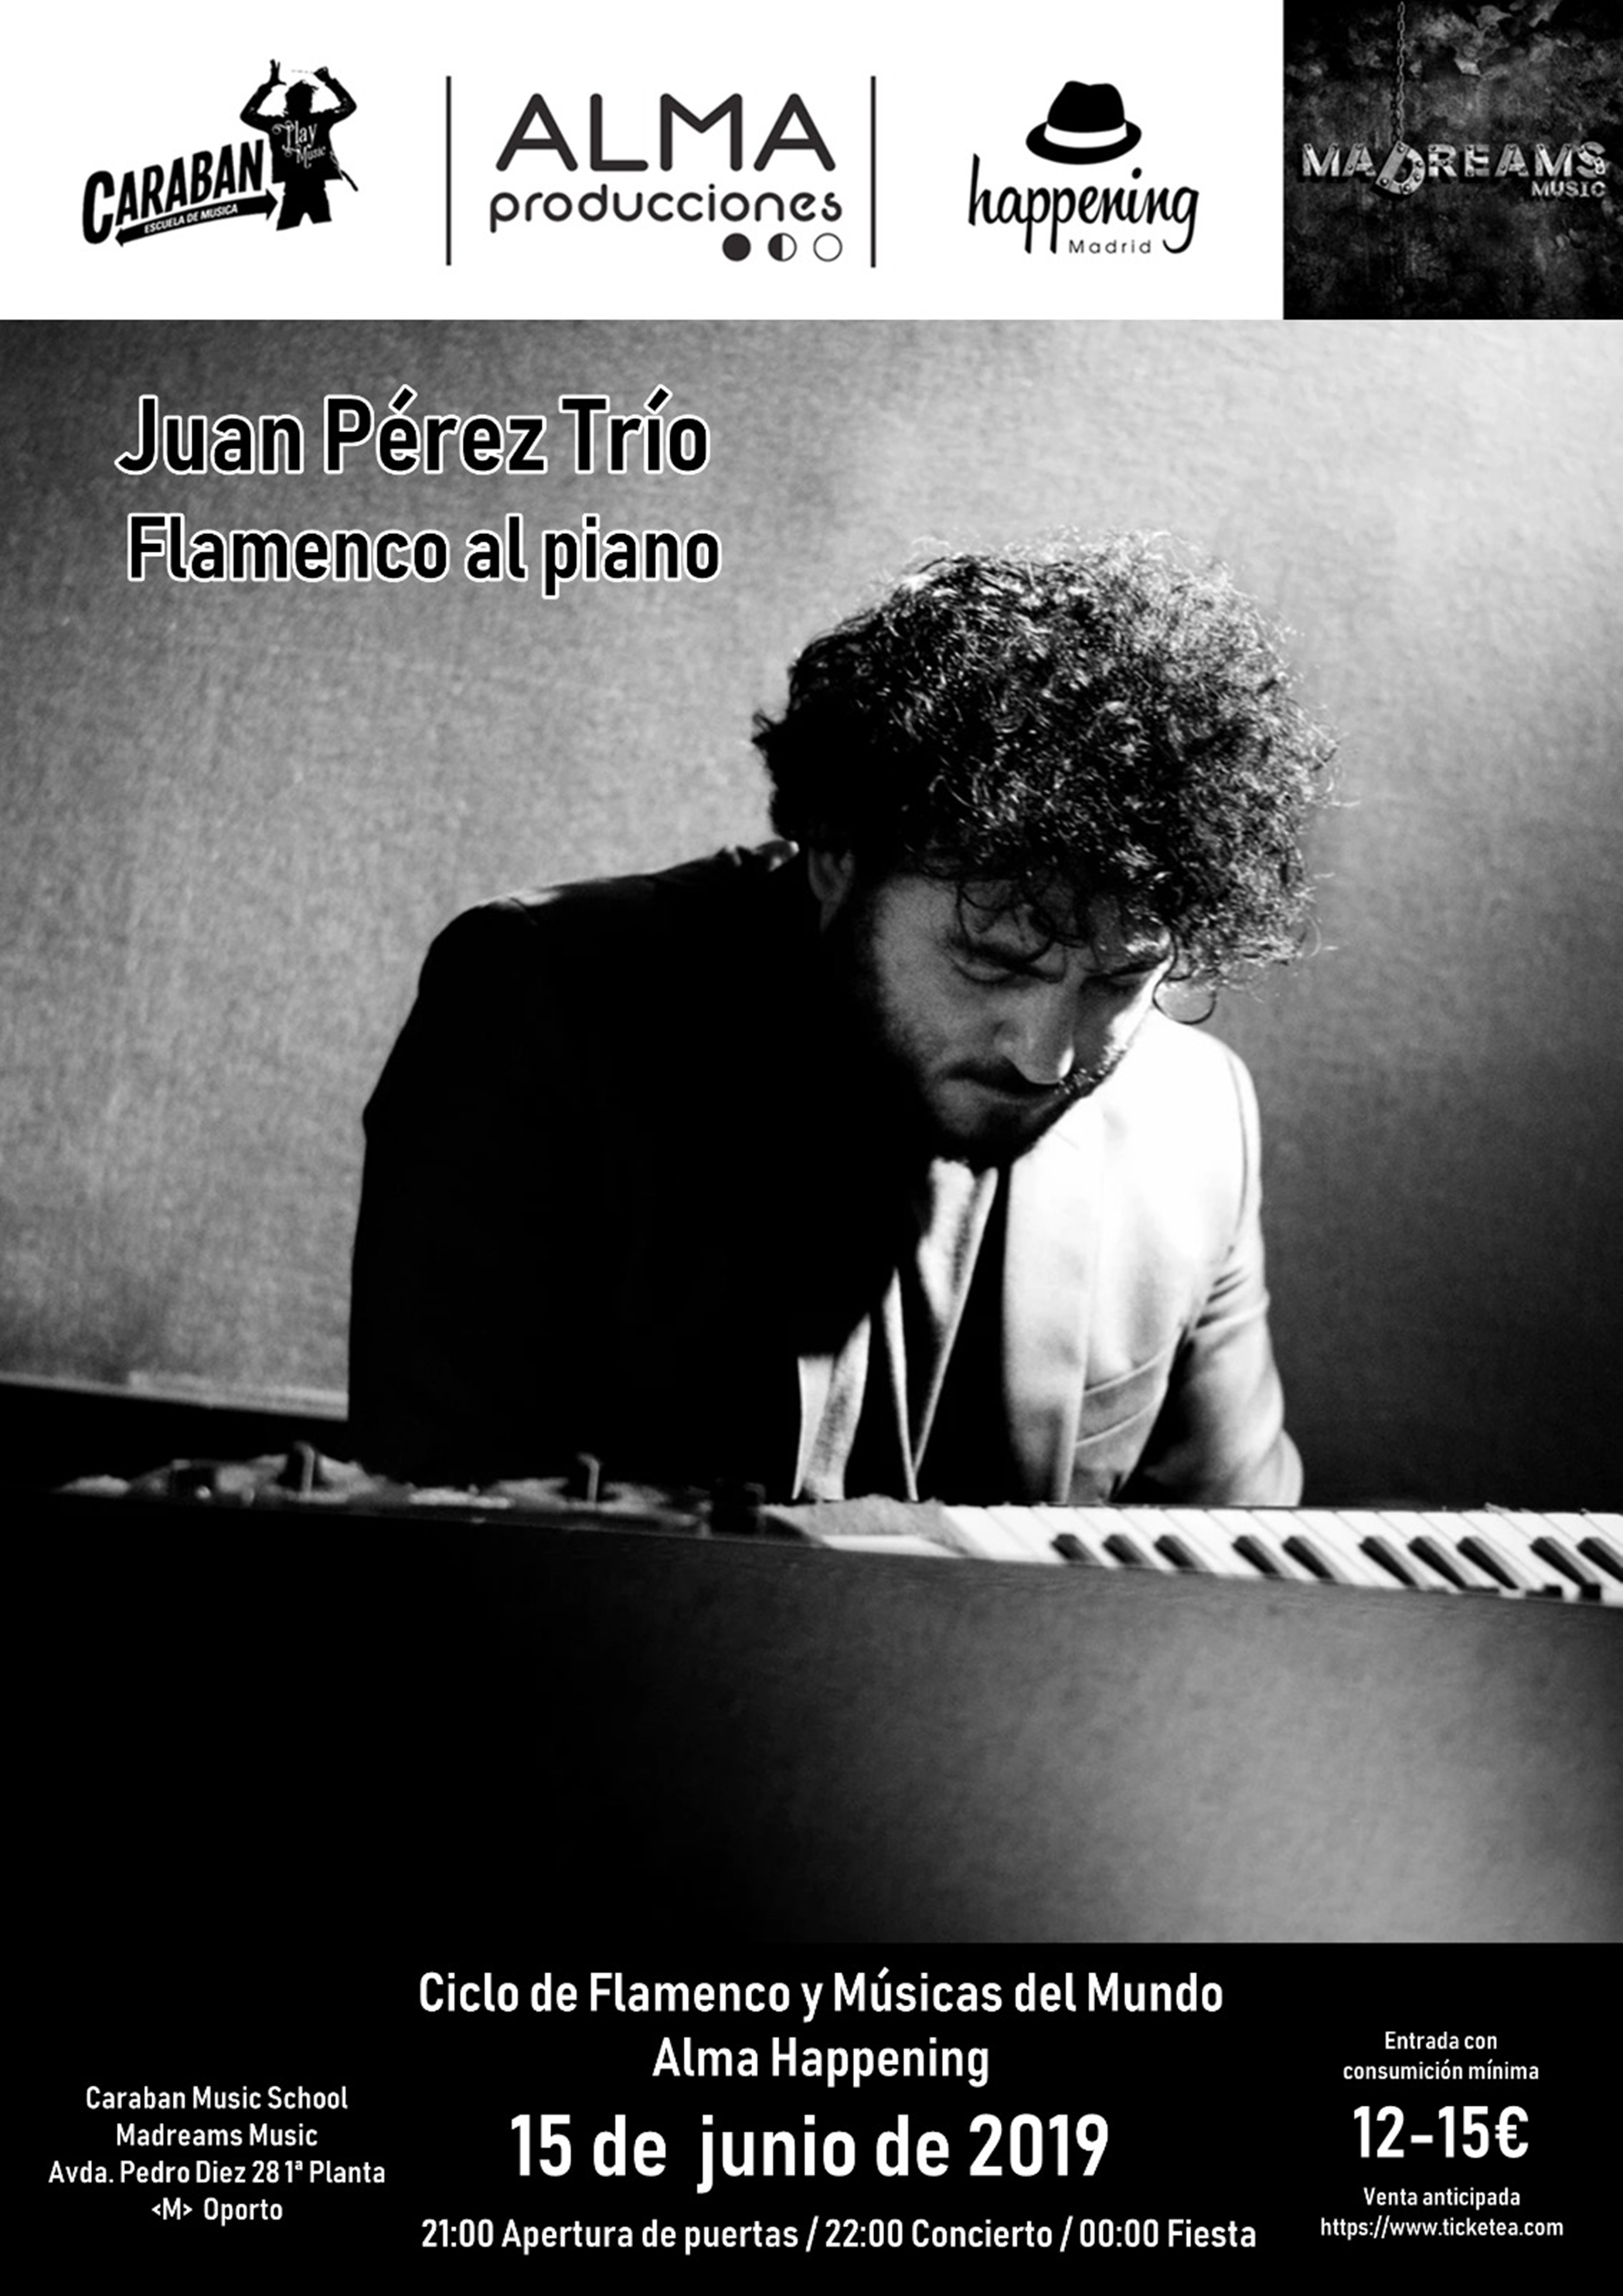 cartel juan perez flamenco 15 de junio - Juan Pérez Trío, Flamenco al piano con el Ciclo Alma Happening en Caraban Music School